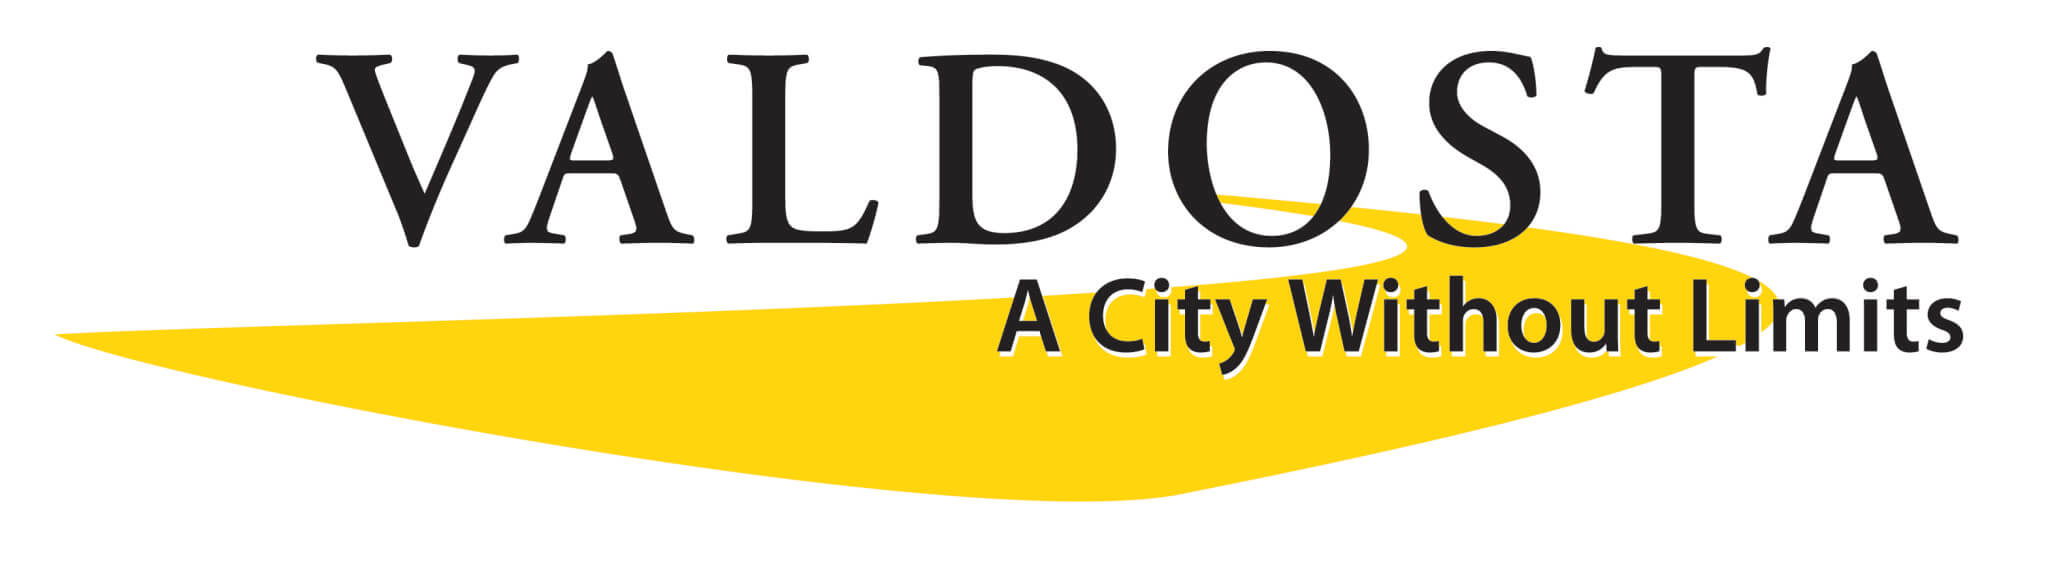 Valdosta City Logos 1